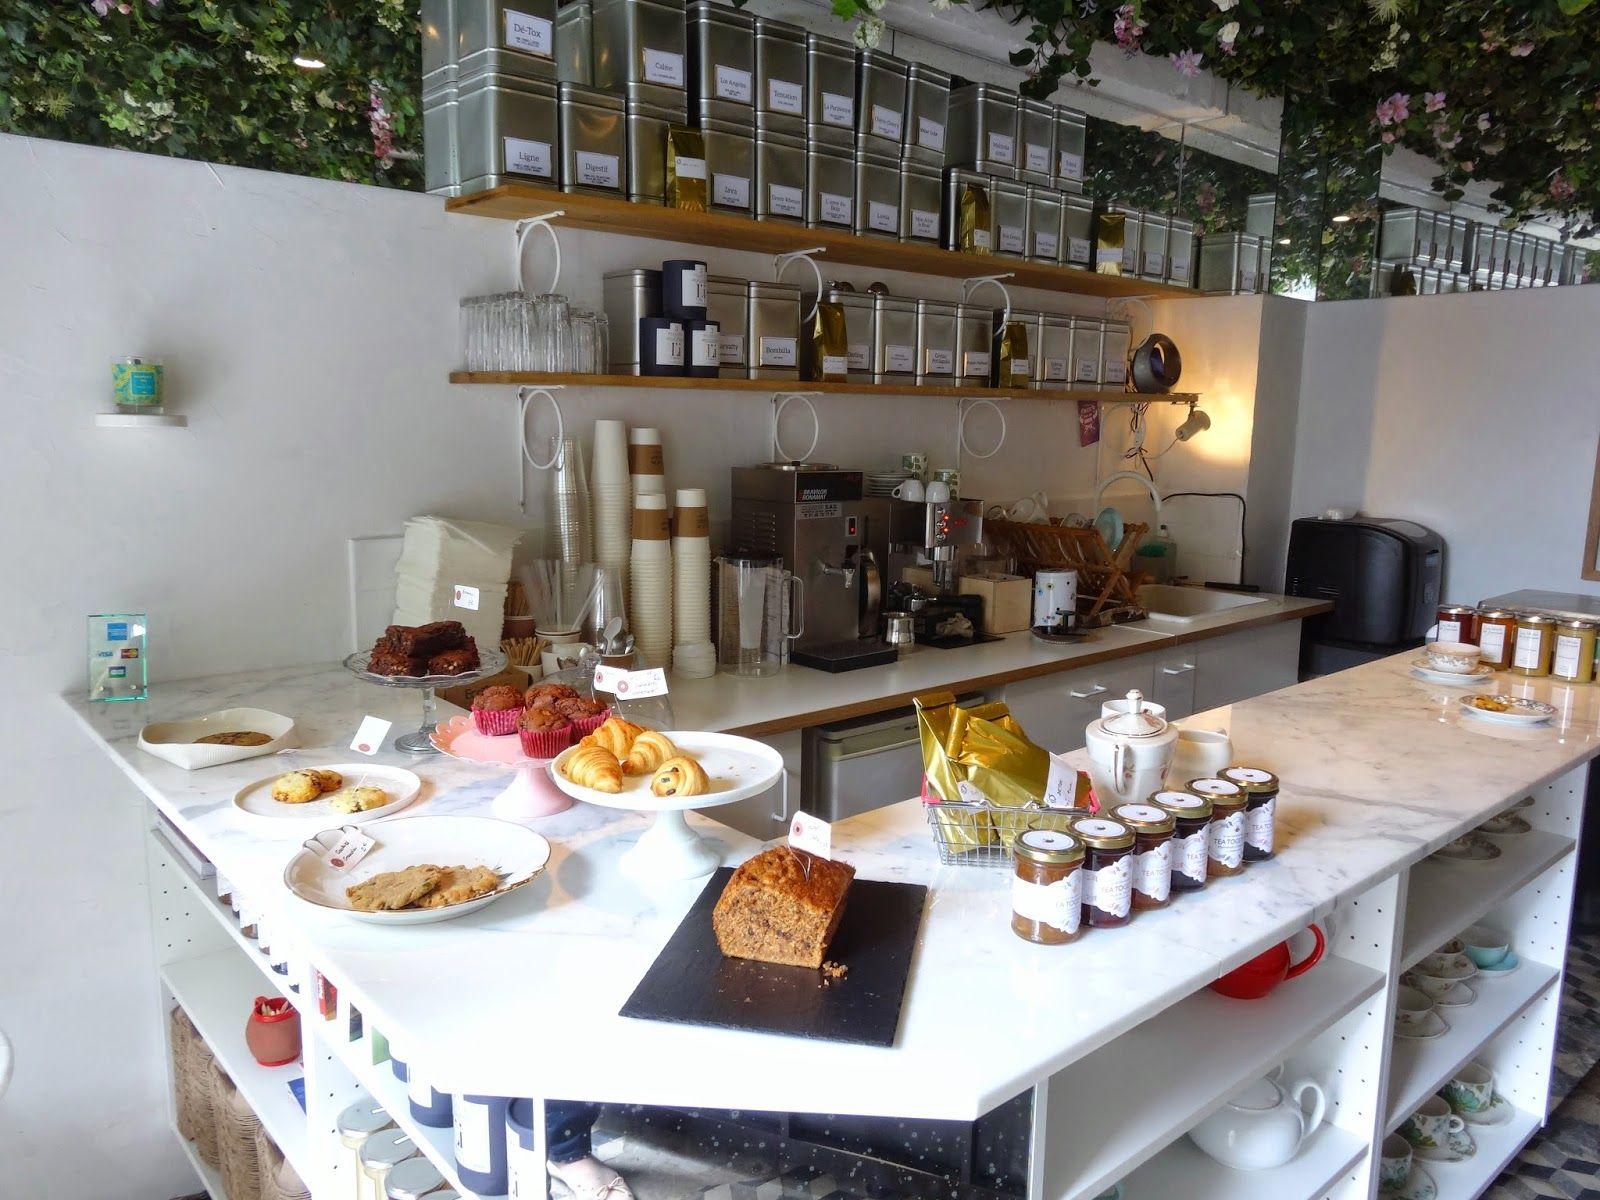 e70ddc655859b0cd51501db6bc054b5e Meilleur De De Table Pour Cuisine Des Idées